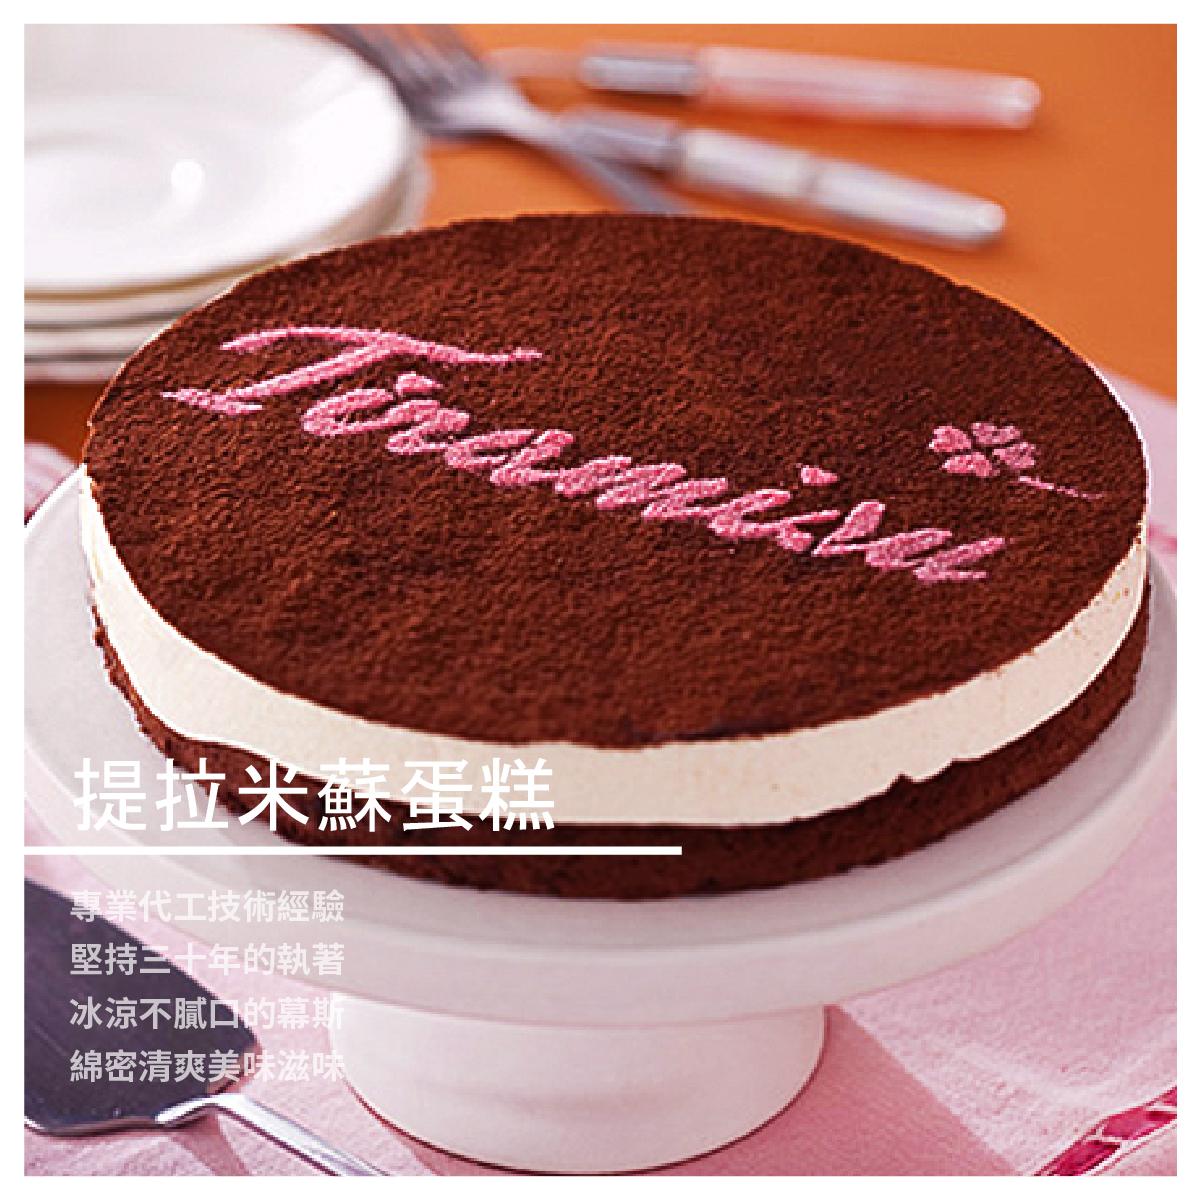 【廣和蓁食品】提拉米蘇蛋糕/400g/盒